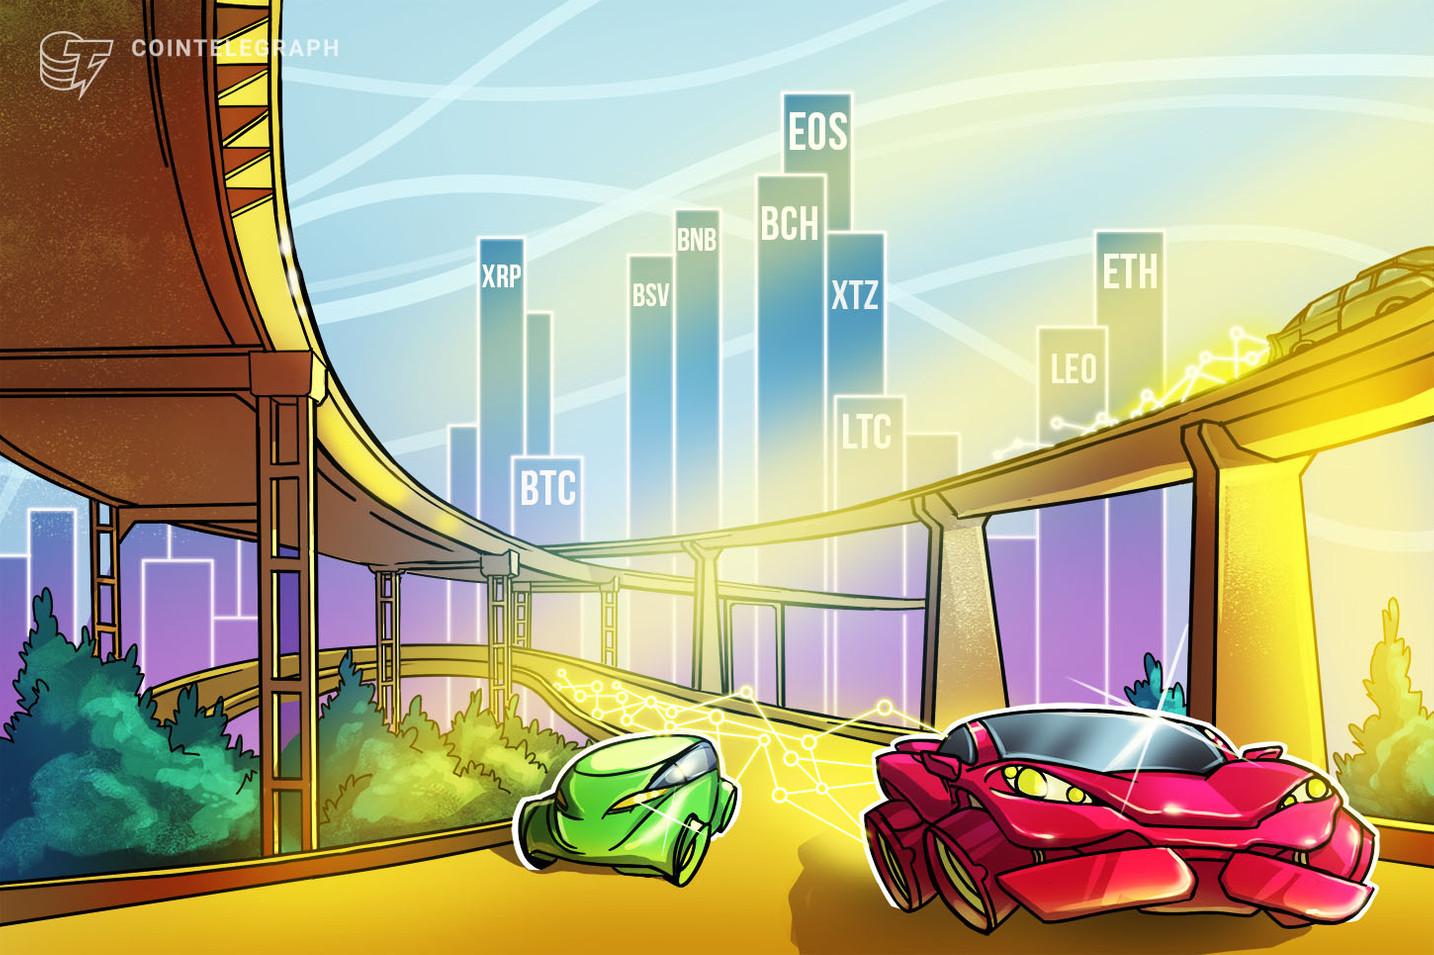 Análisis de precios del 8 de abril: BTC, ETH, XRP, BCH, BSV, LTC, EOS, BNB, XTZ, LEO